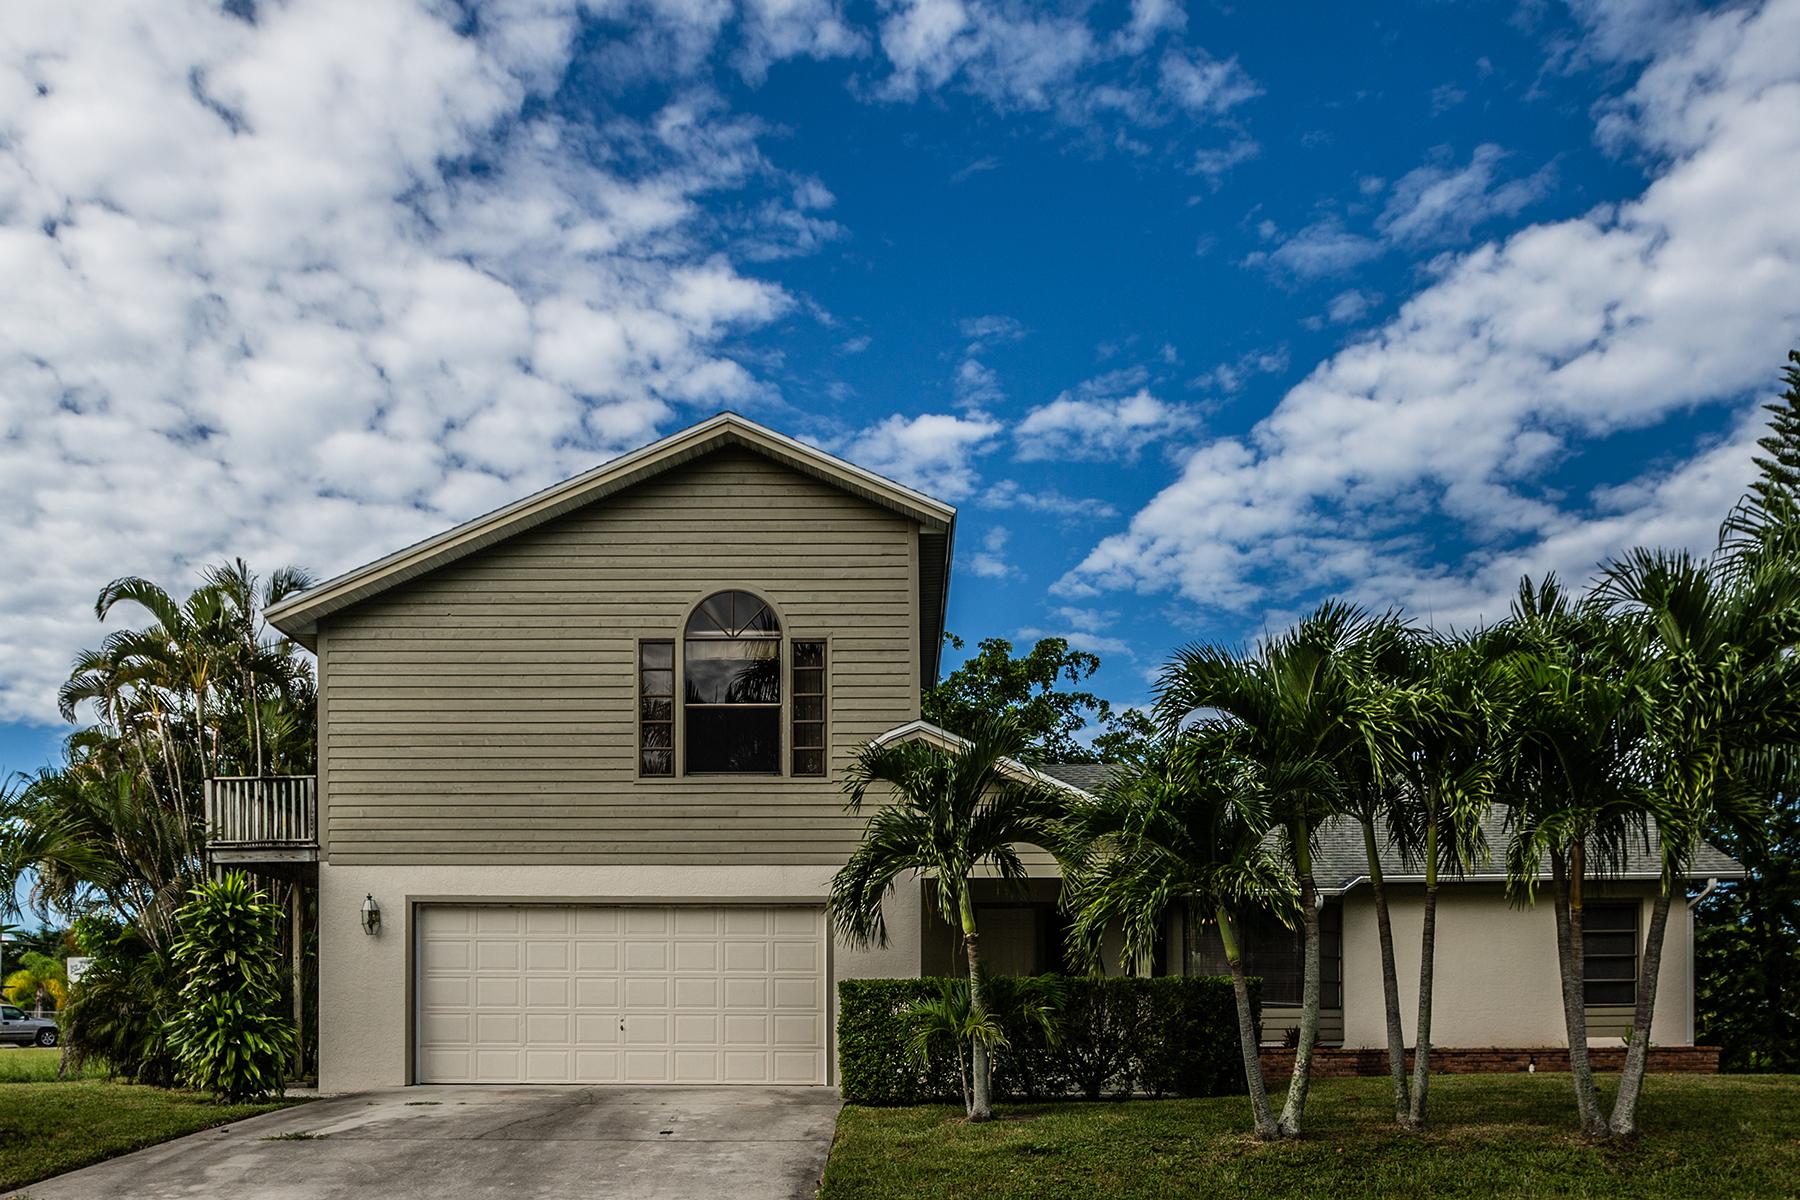 Tek Ailelik Ev için Satış at MARCO ISLAND - COVEWOOD COURT 20 Covewood Ct Marco Island, Florida, 34145 Amerika Birleşik Devletleri